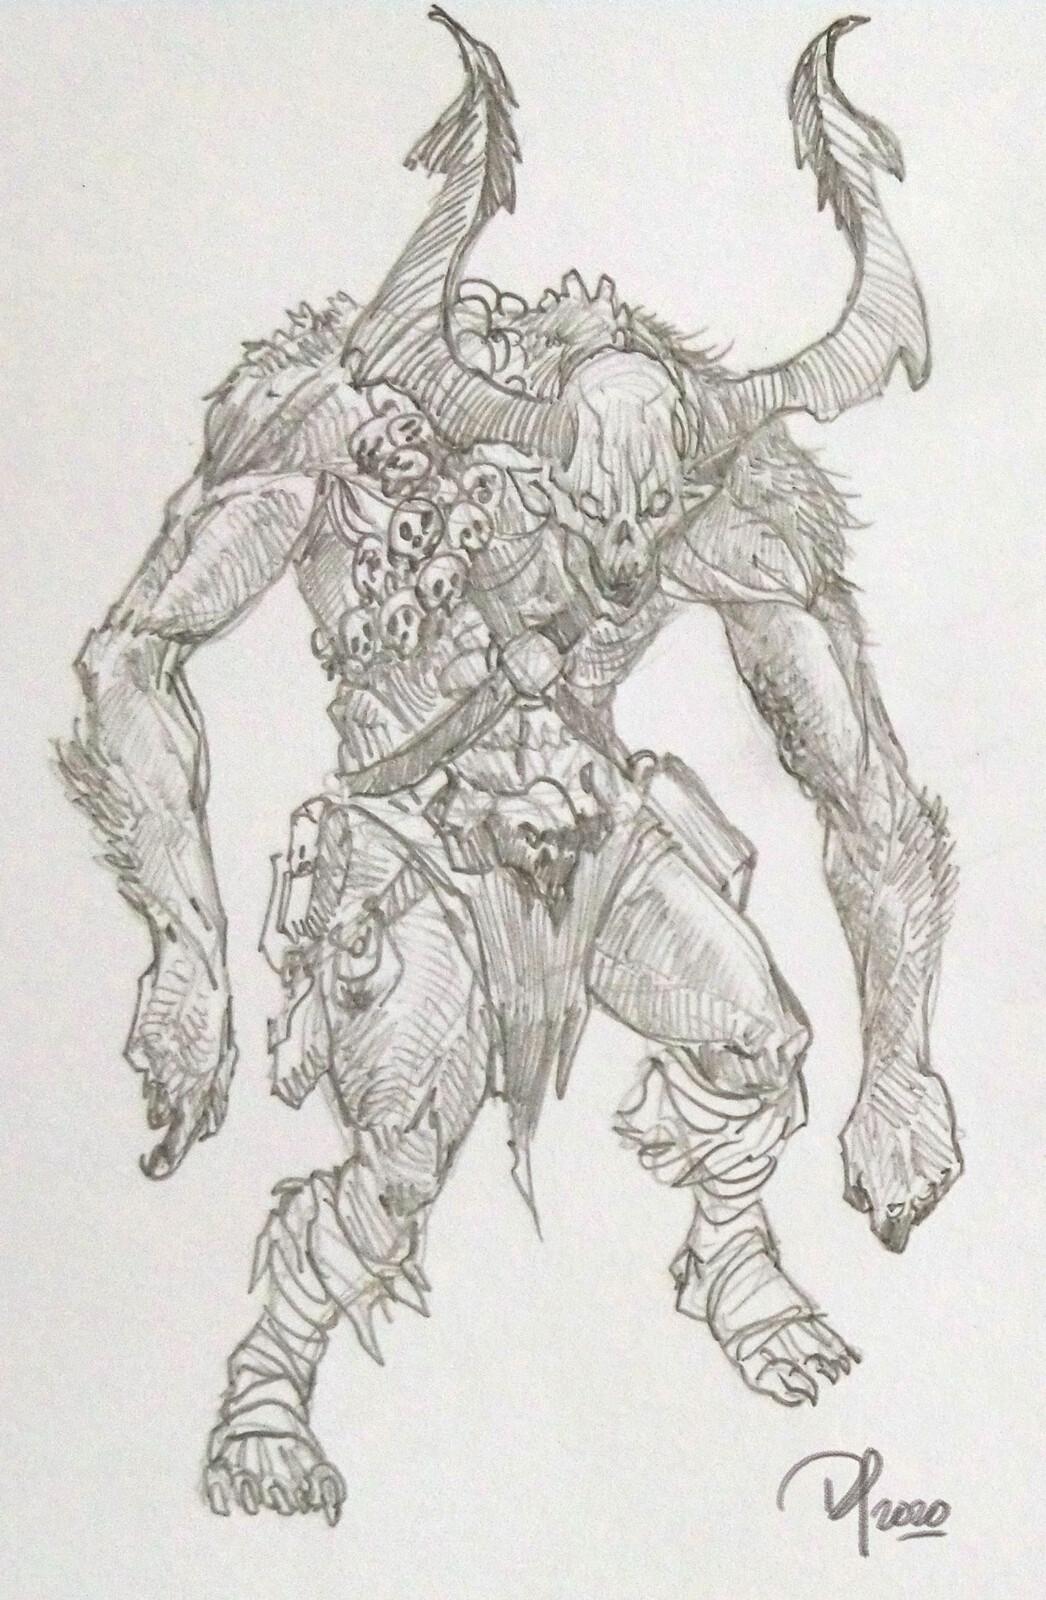 Diablo sketches